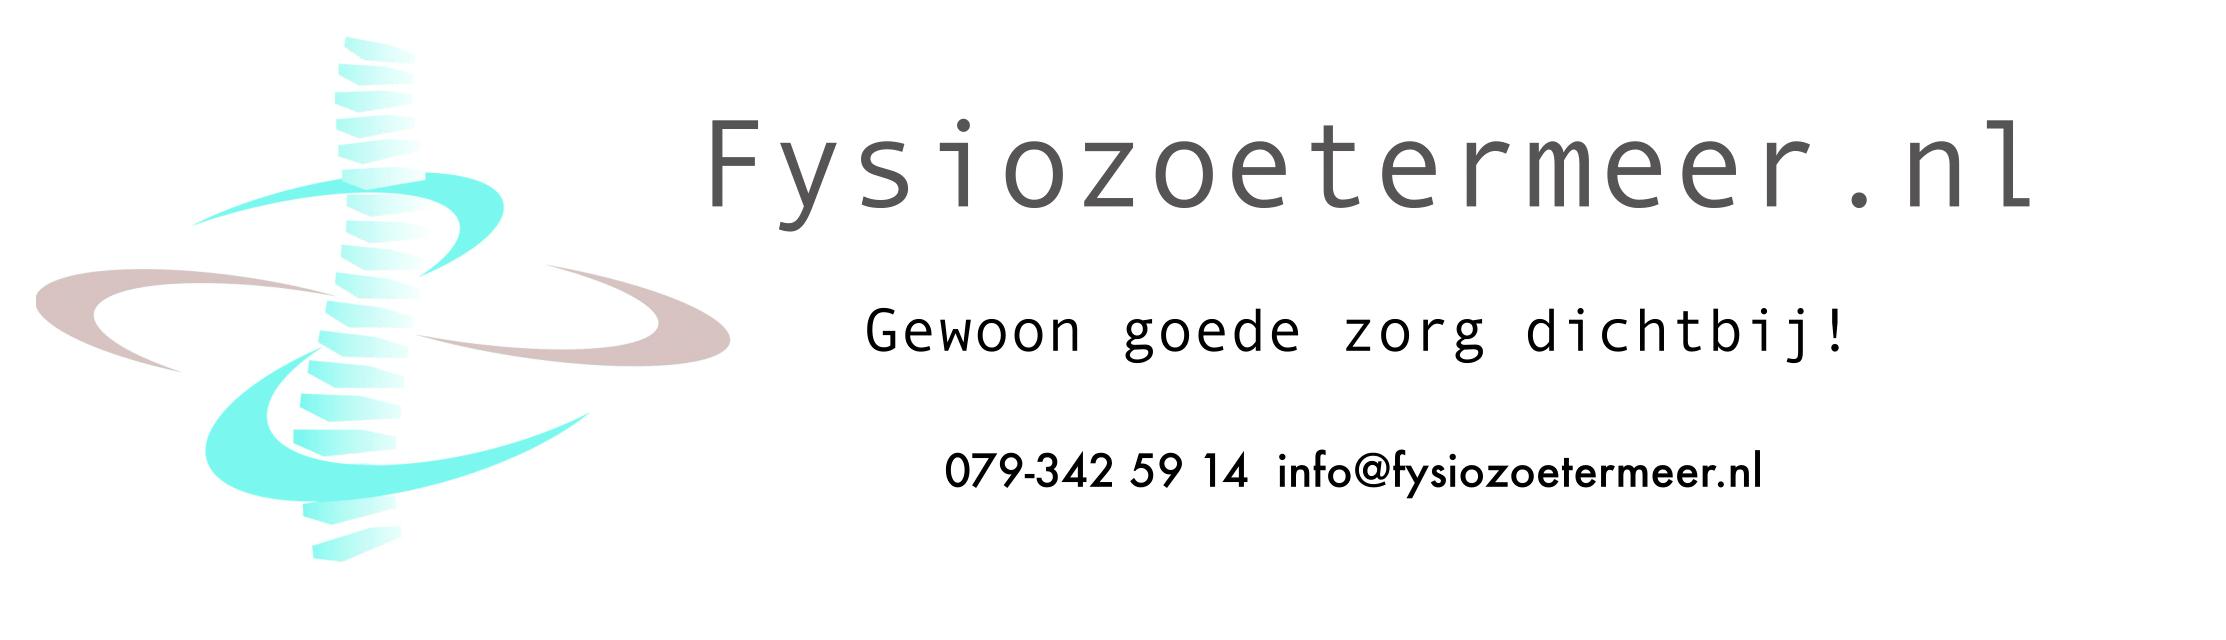 fysiozoetermeer 3